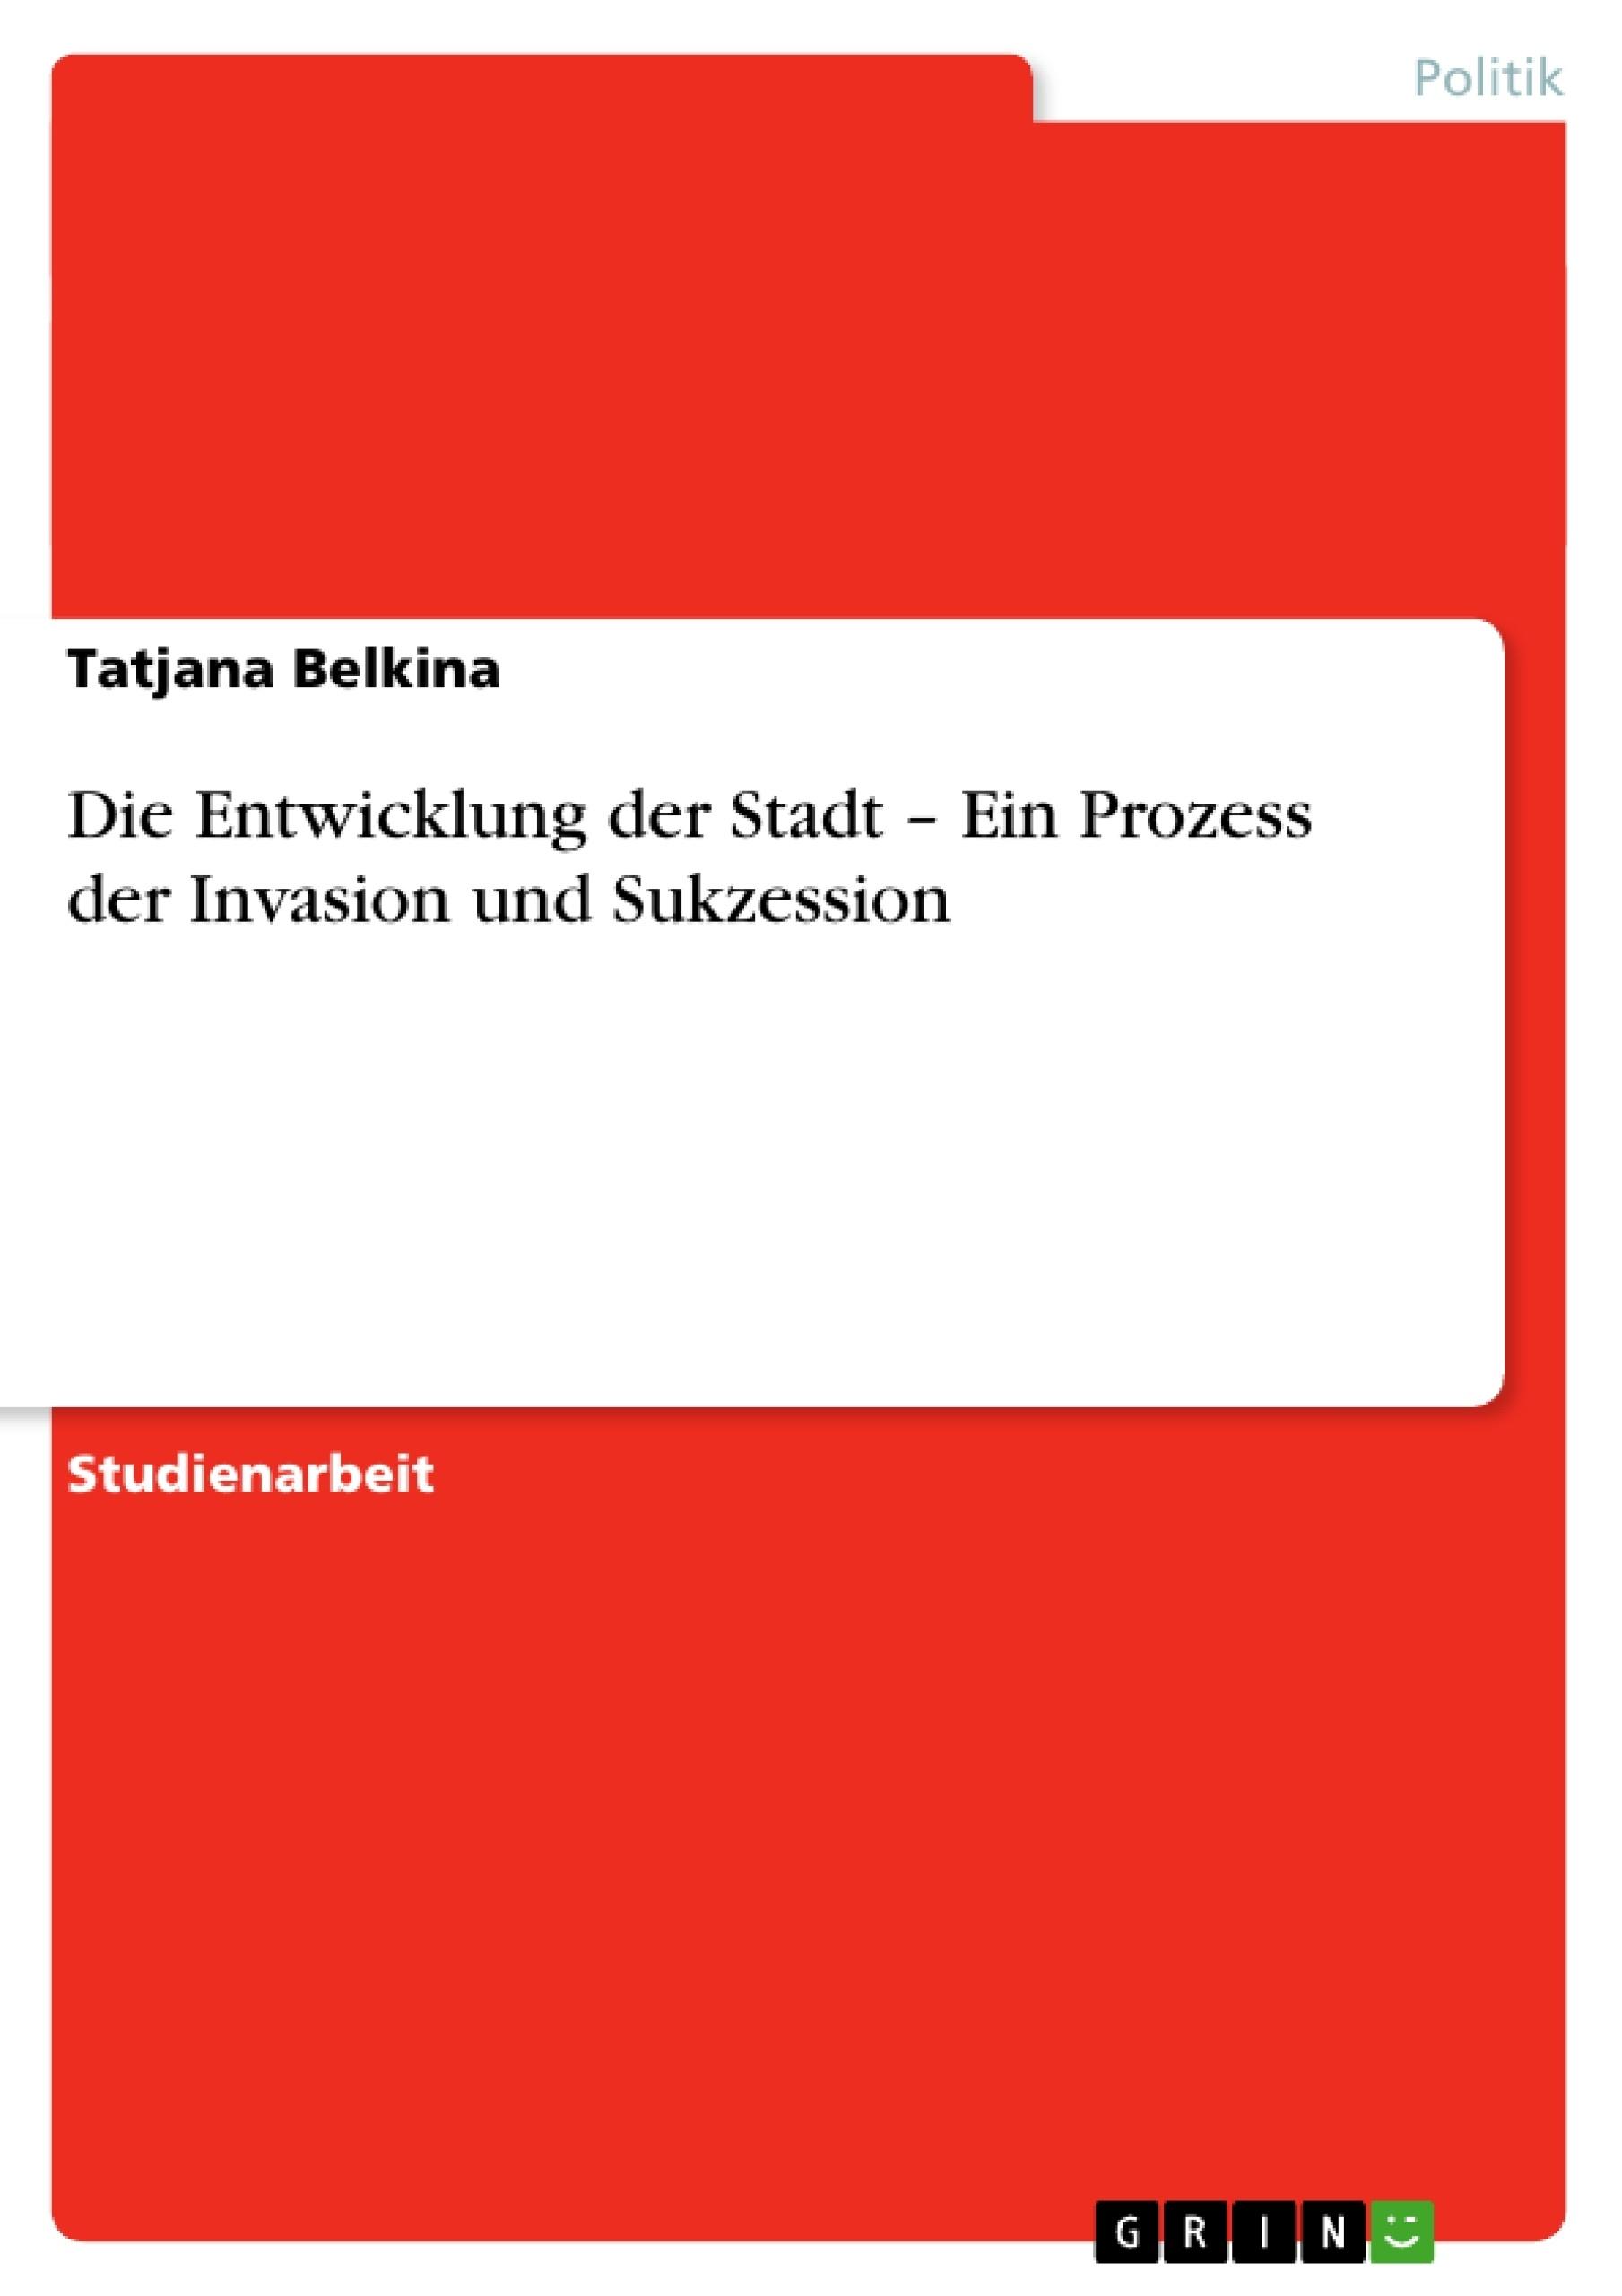 Titel: Die Entwicklung der Stadt – Ein Prozess der Invasion und Sukzession